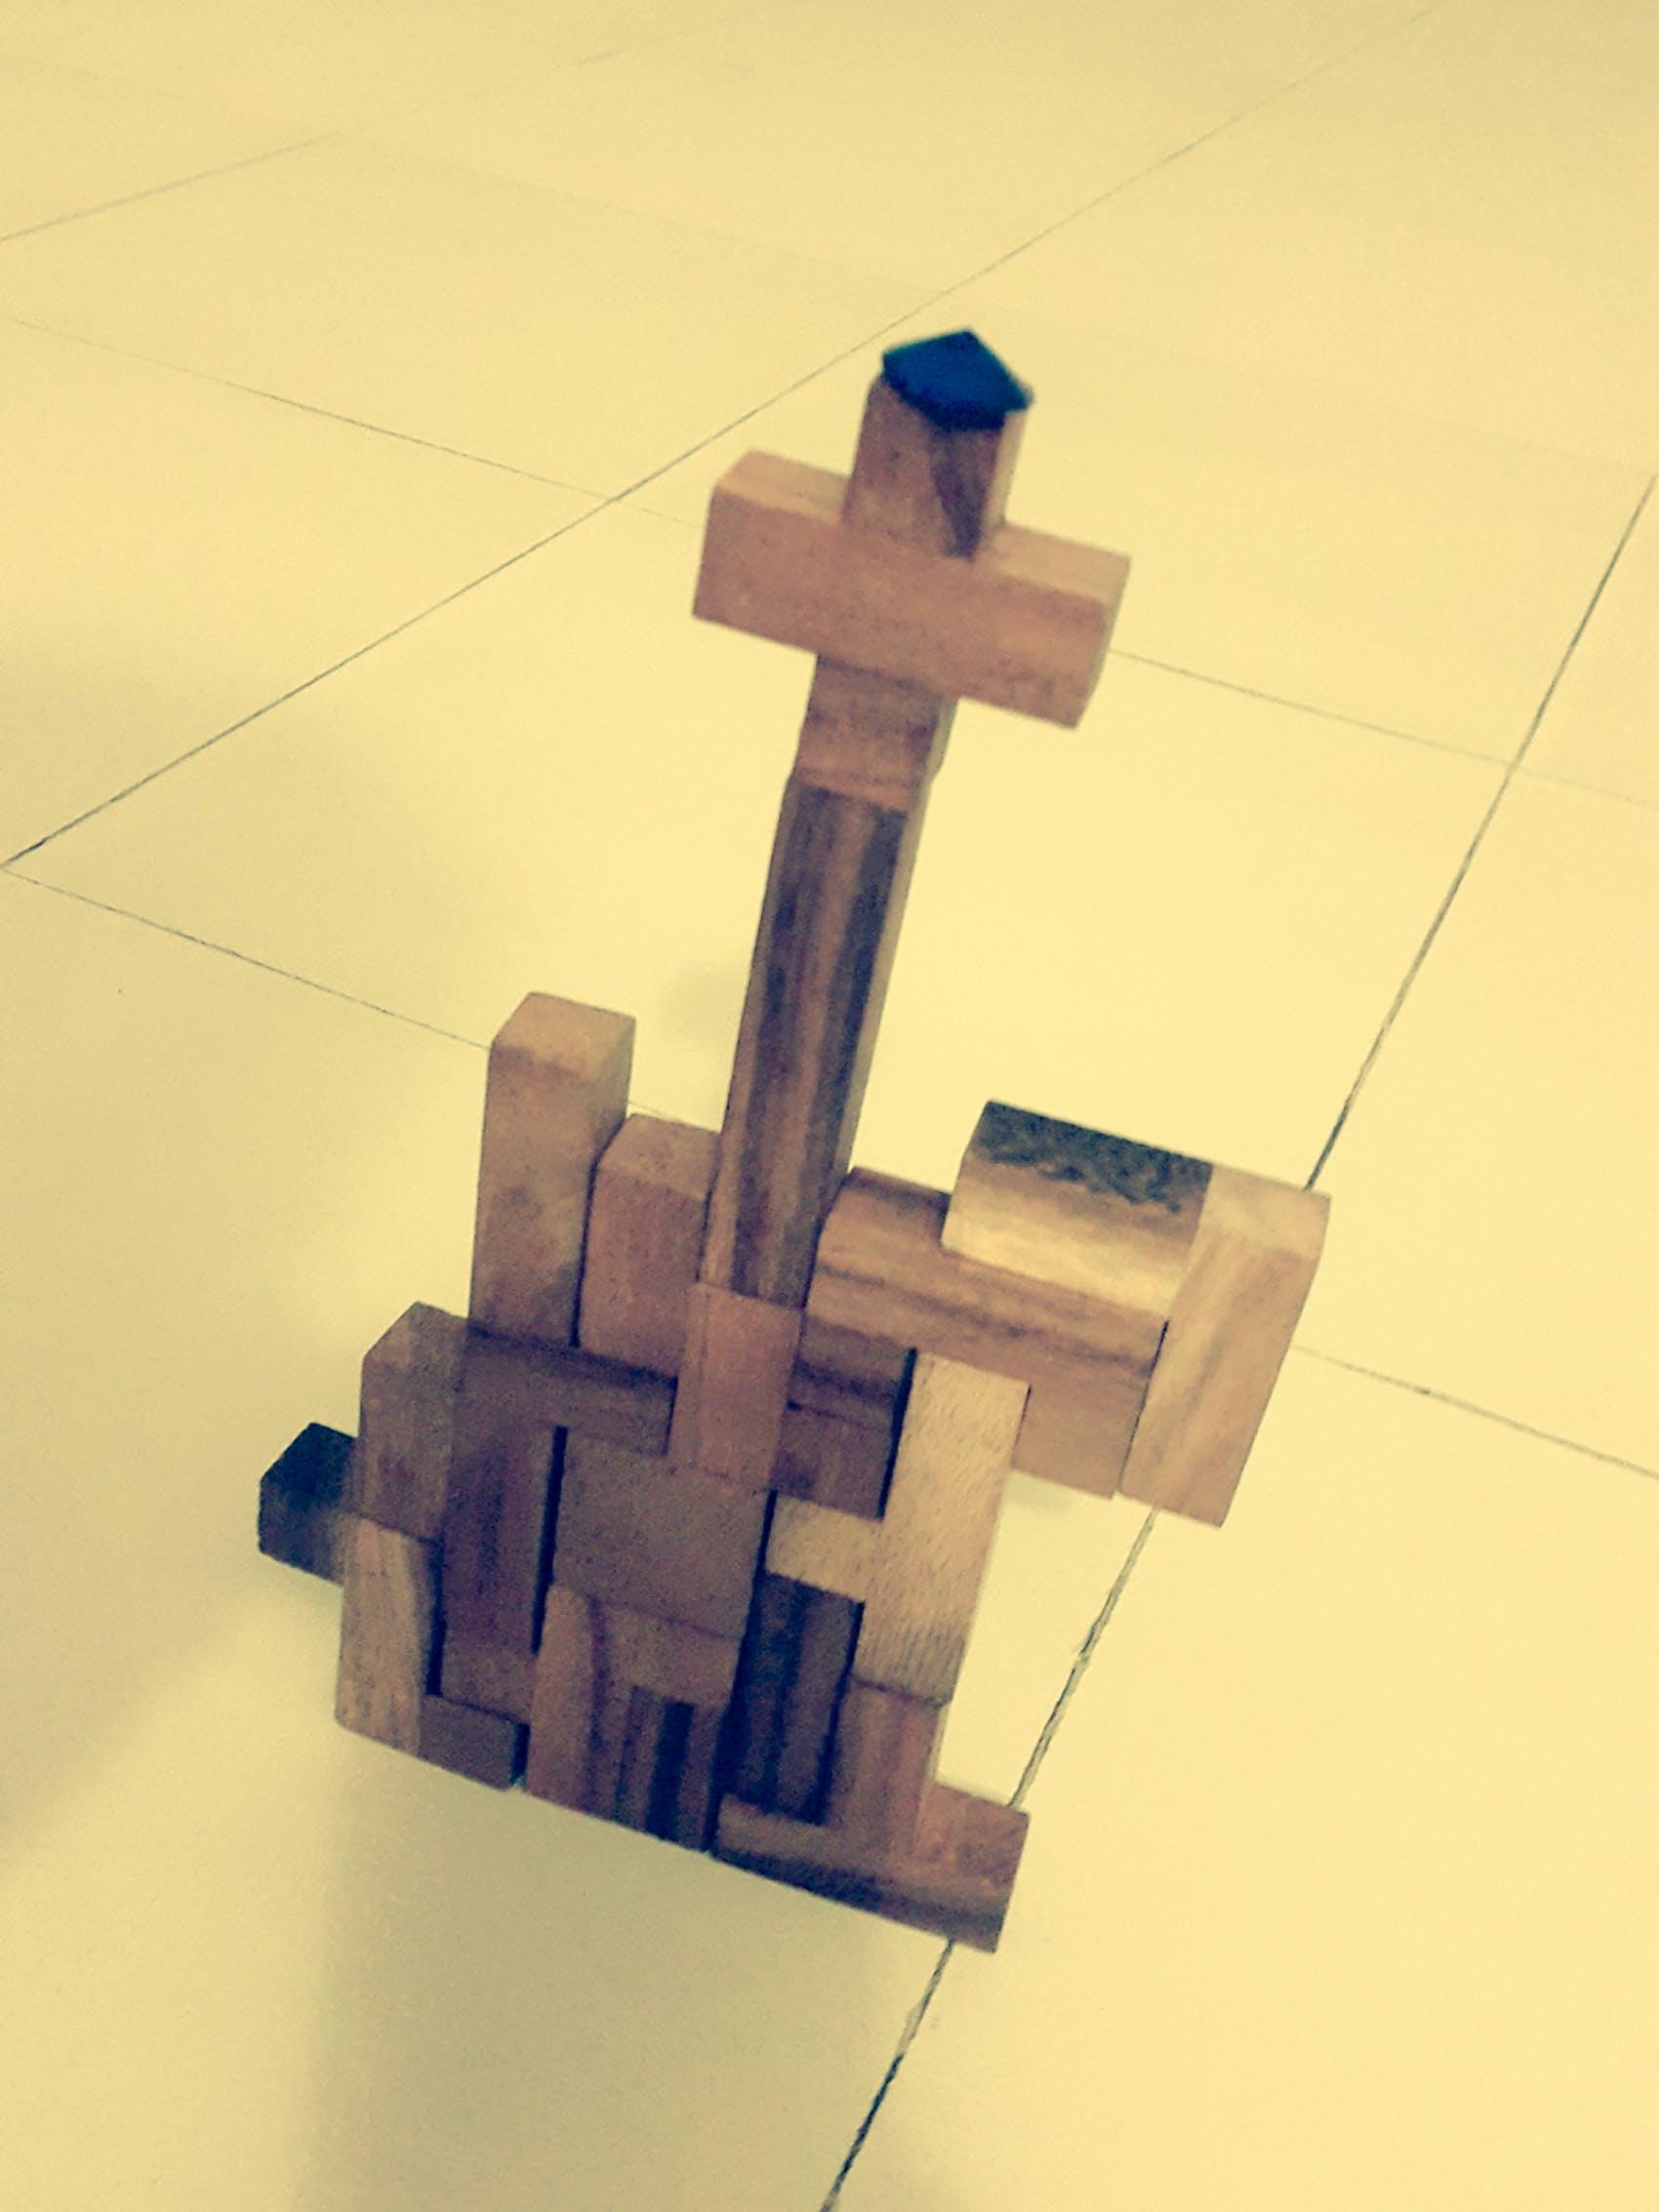 lego, play